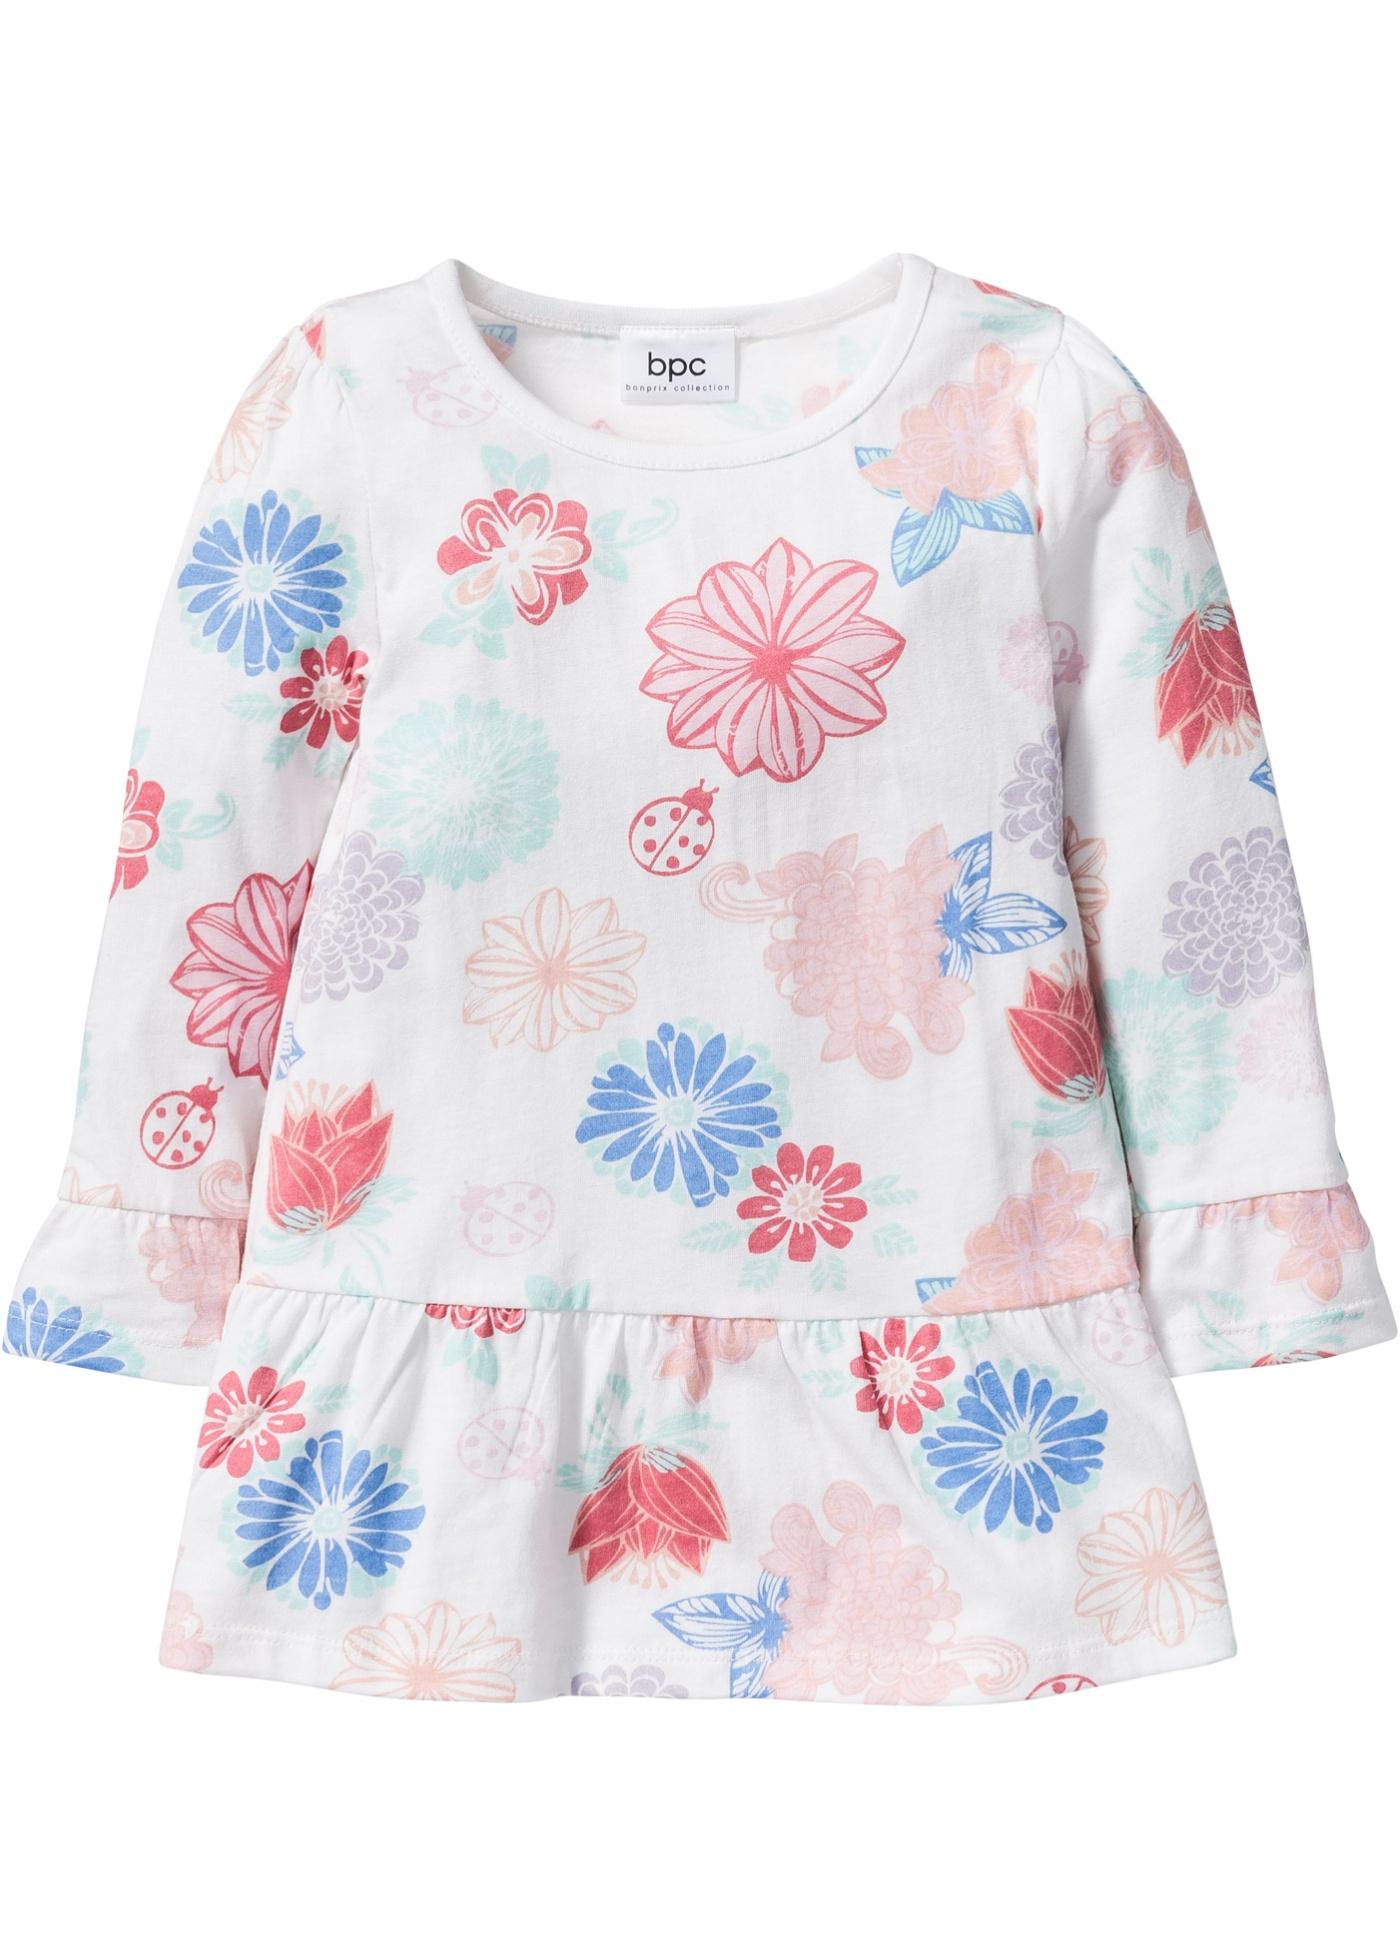 Kleid wei 134 for Bonprix kinderkleider